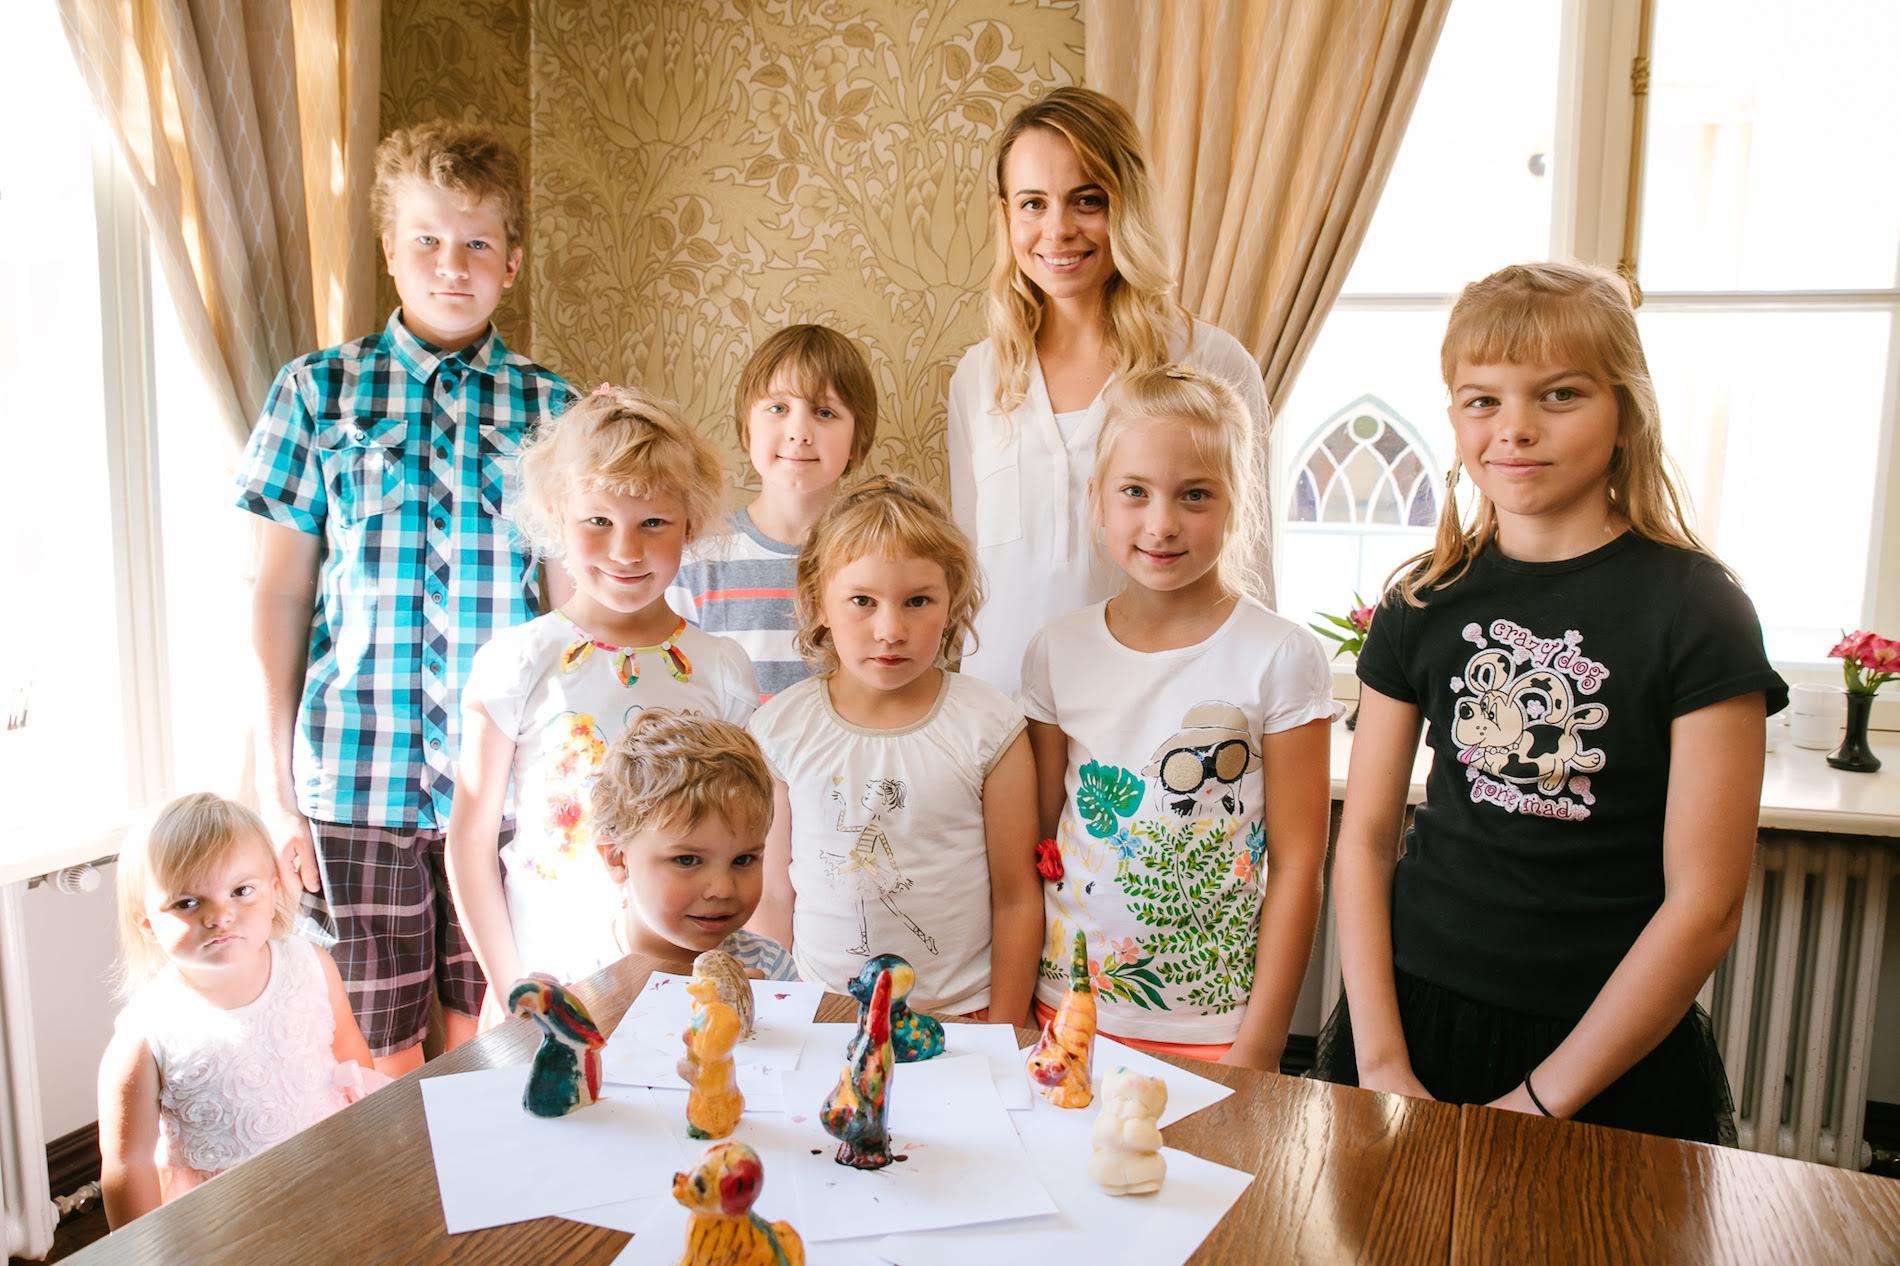 Ole sina kah Käpp! Kuulmispuudega laste toetuseks on kogutud üle 9000 euro